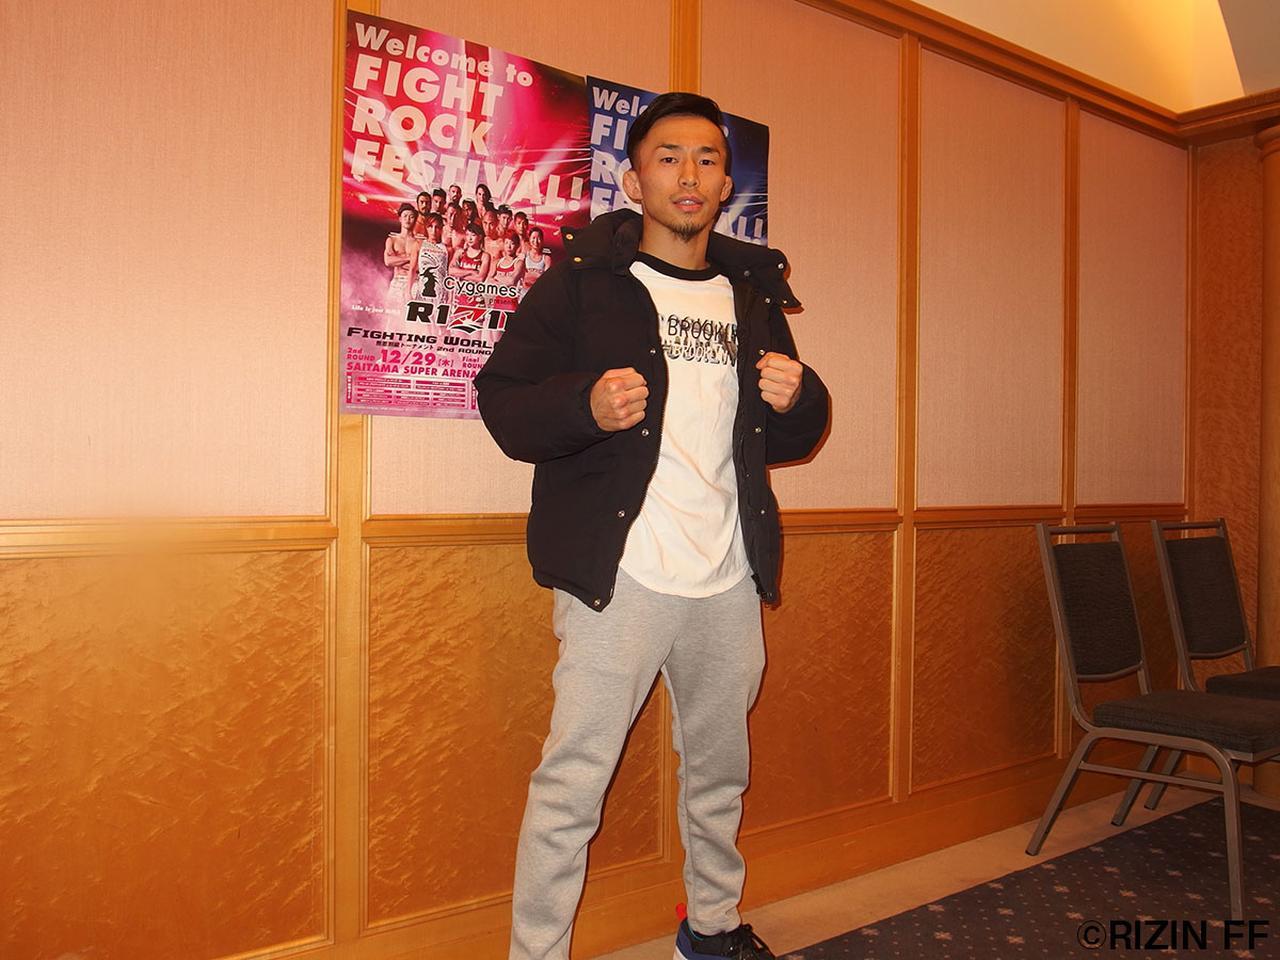 画像: 「那須川天心選手に関しては打撃が強い選手だと思うんですけど、総合をやるならすぐ相手をしてもいいなと思っています」